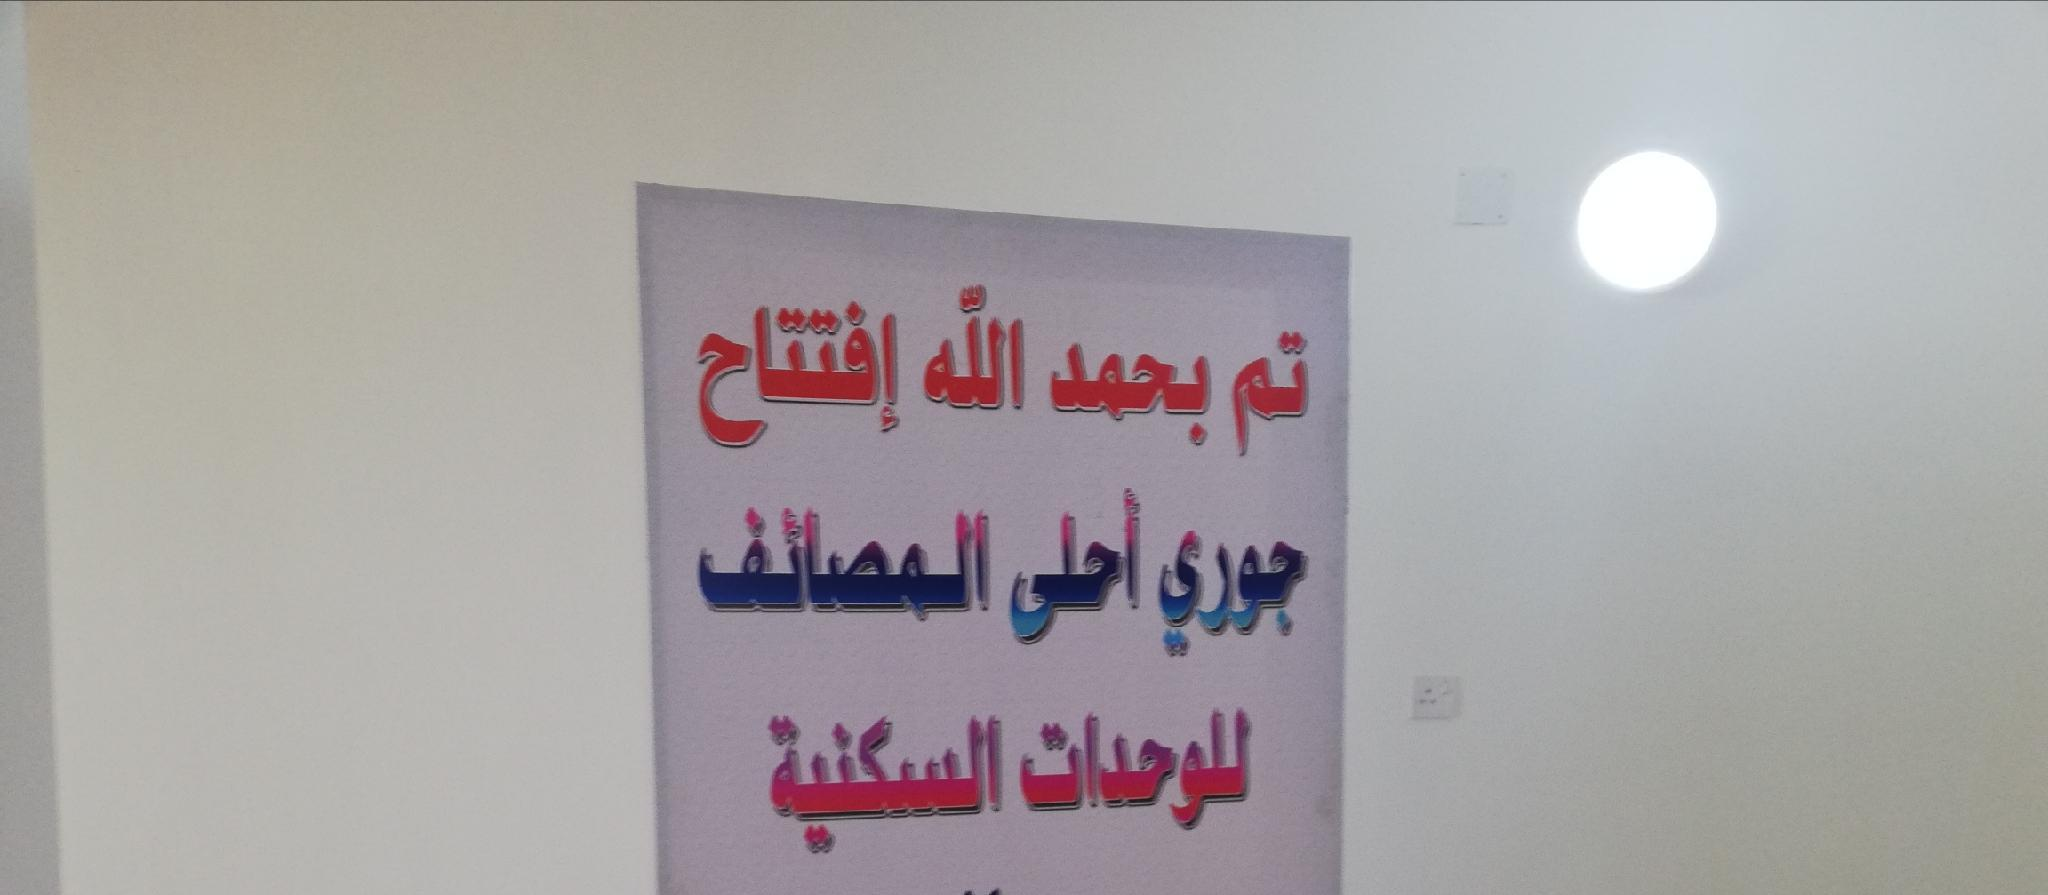 Jory Ahla Al Massyef